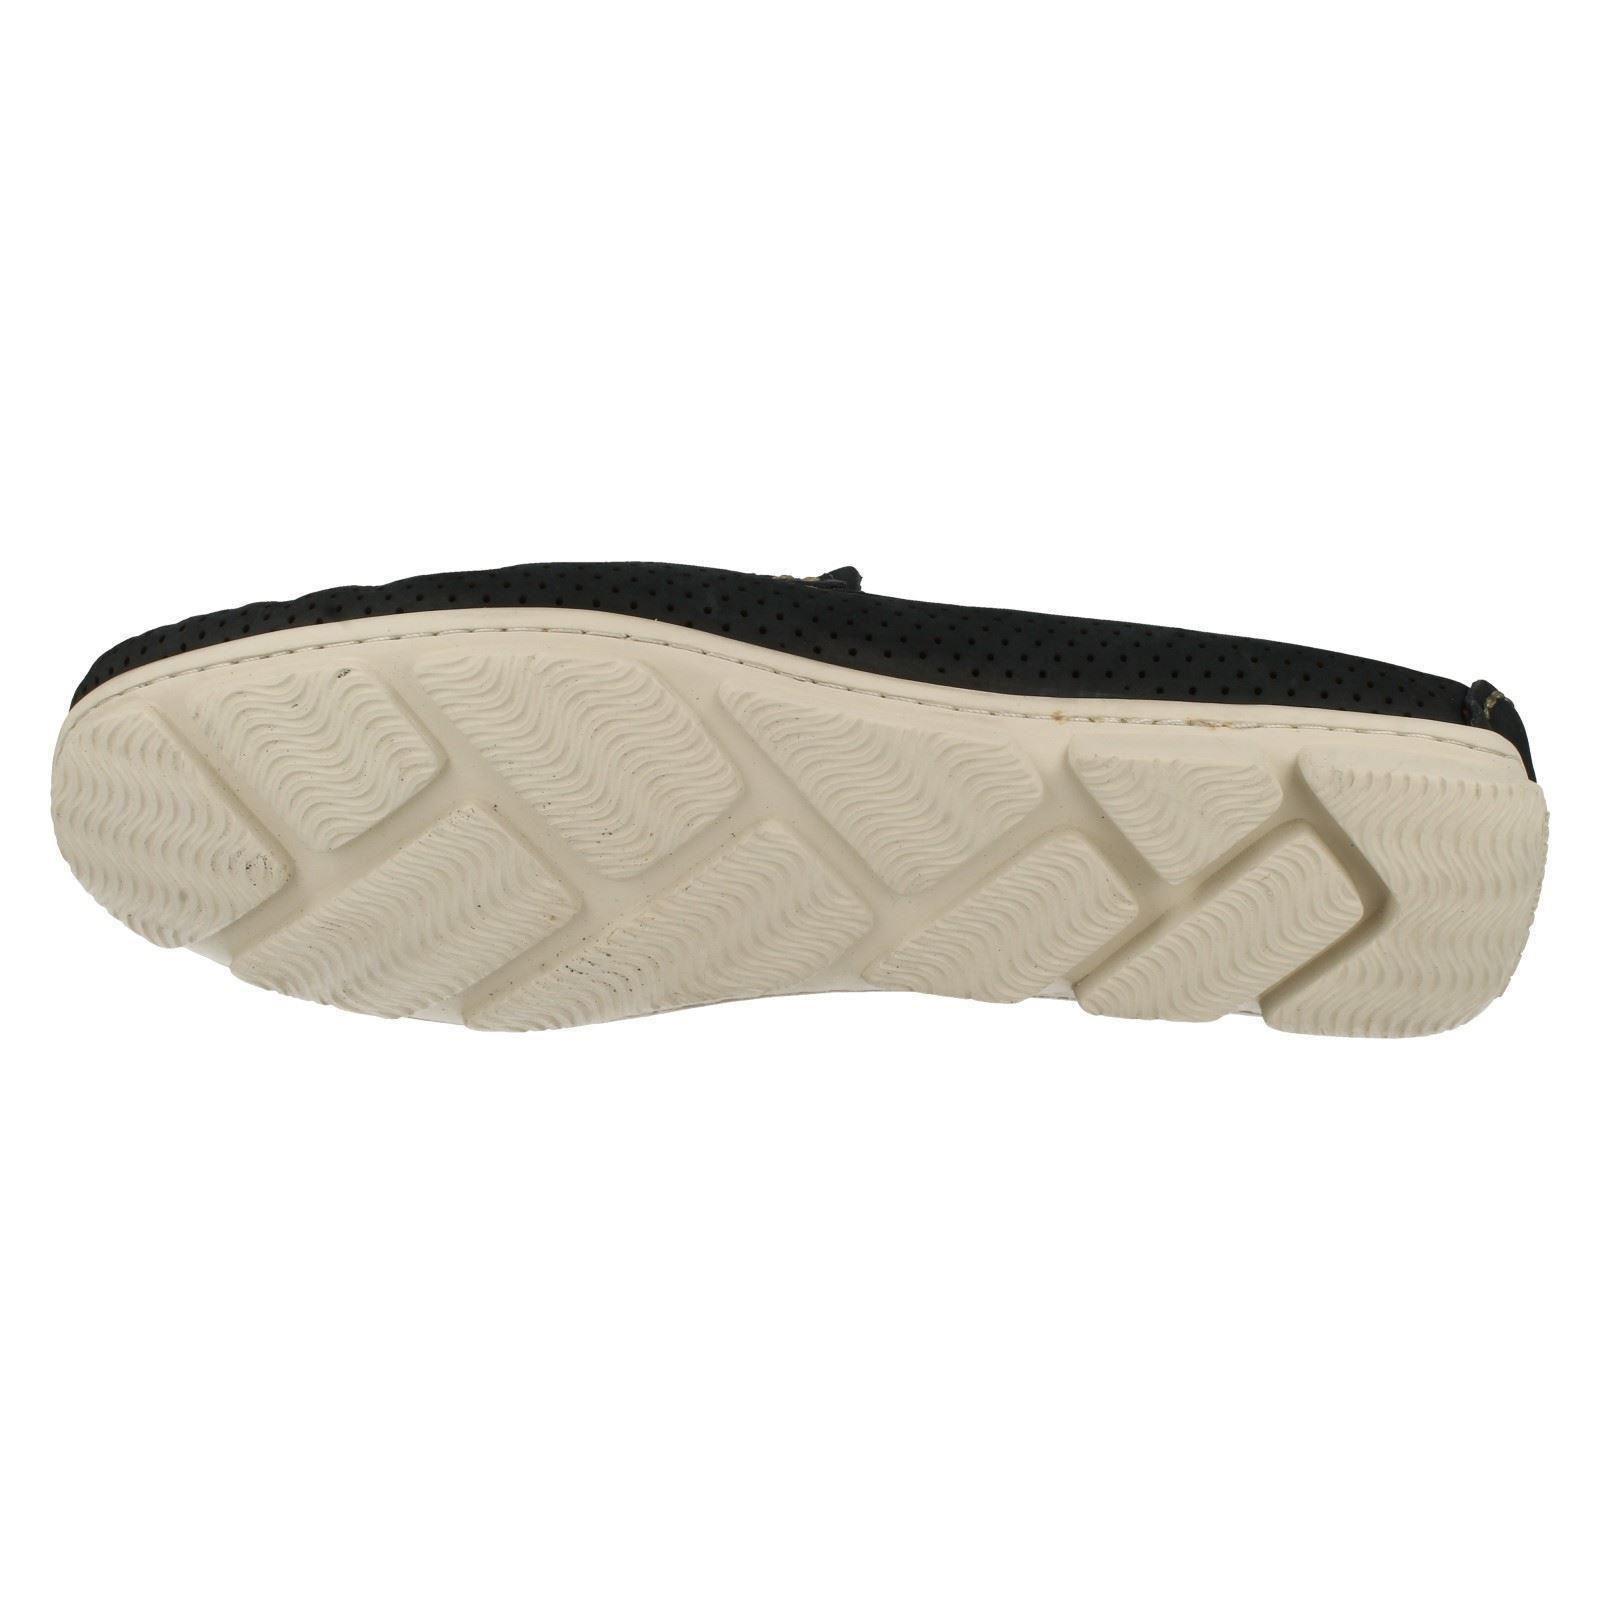 Men's Anatomic & Co Coari Casual Slip On Style - Coari Co 363655 9f6c48